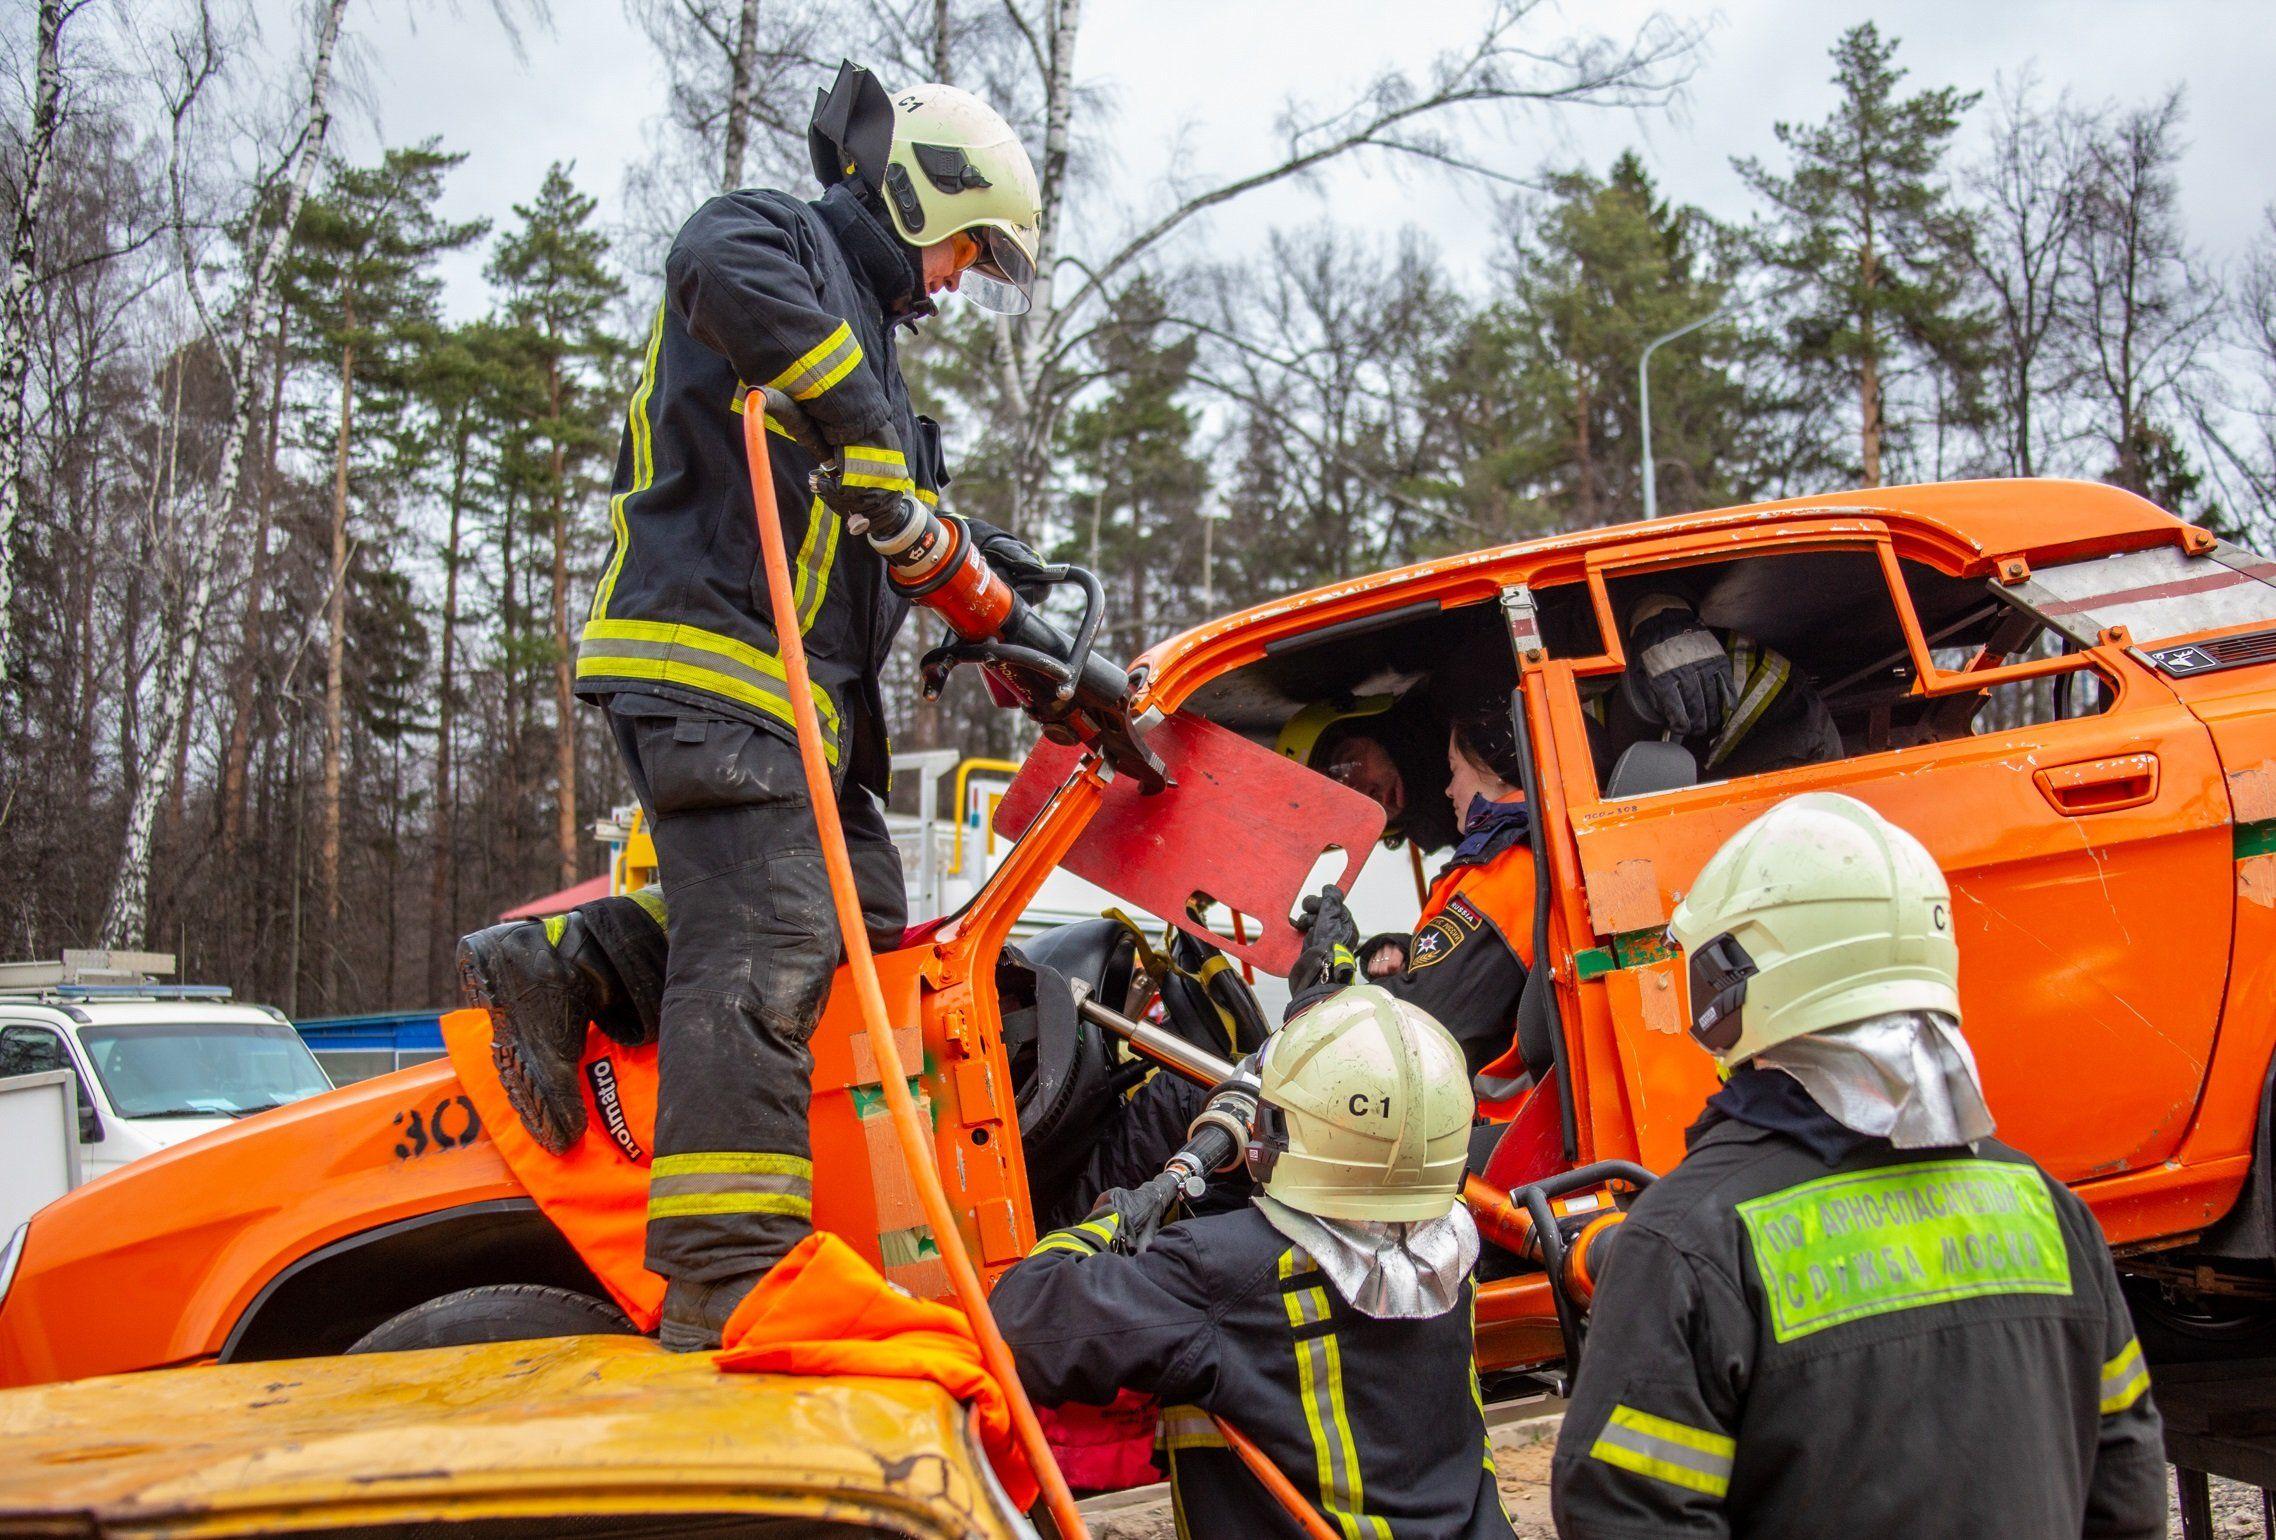 Около тысячи спасателей обеспечивают безопасность столицы